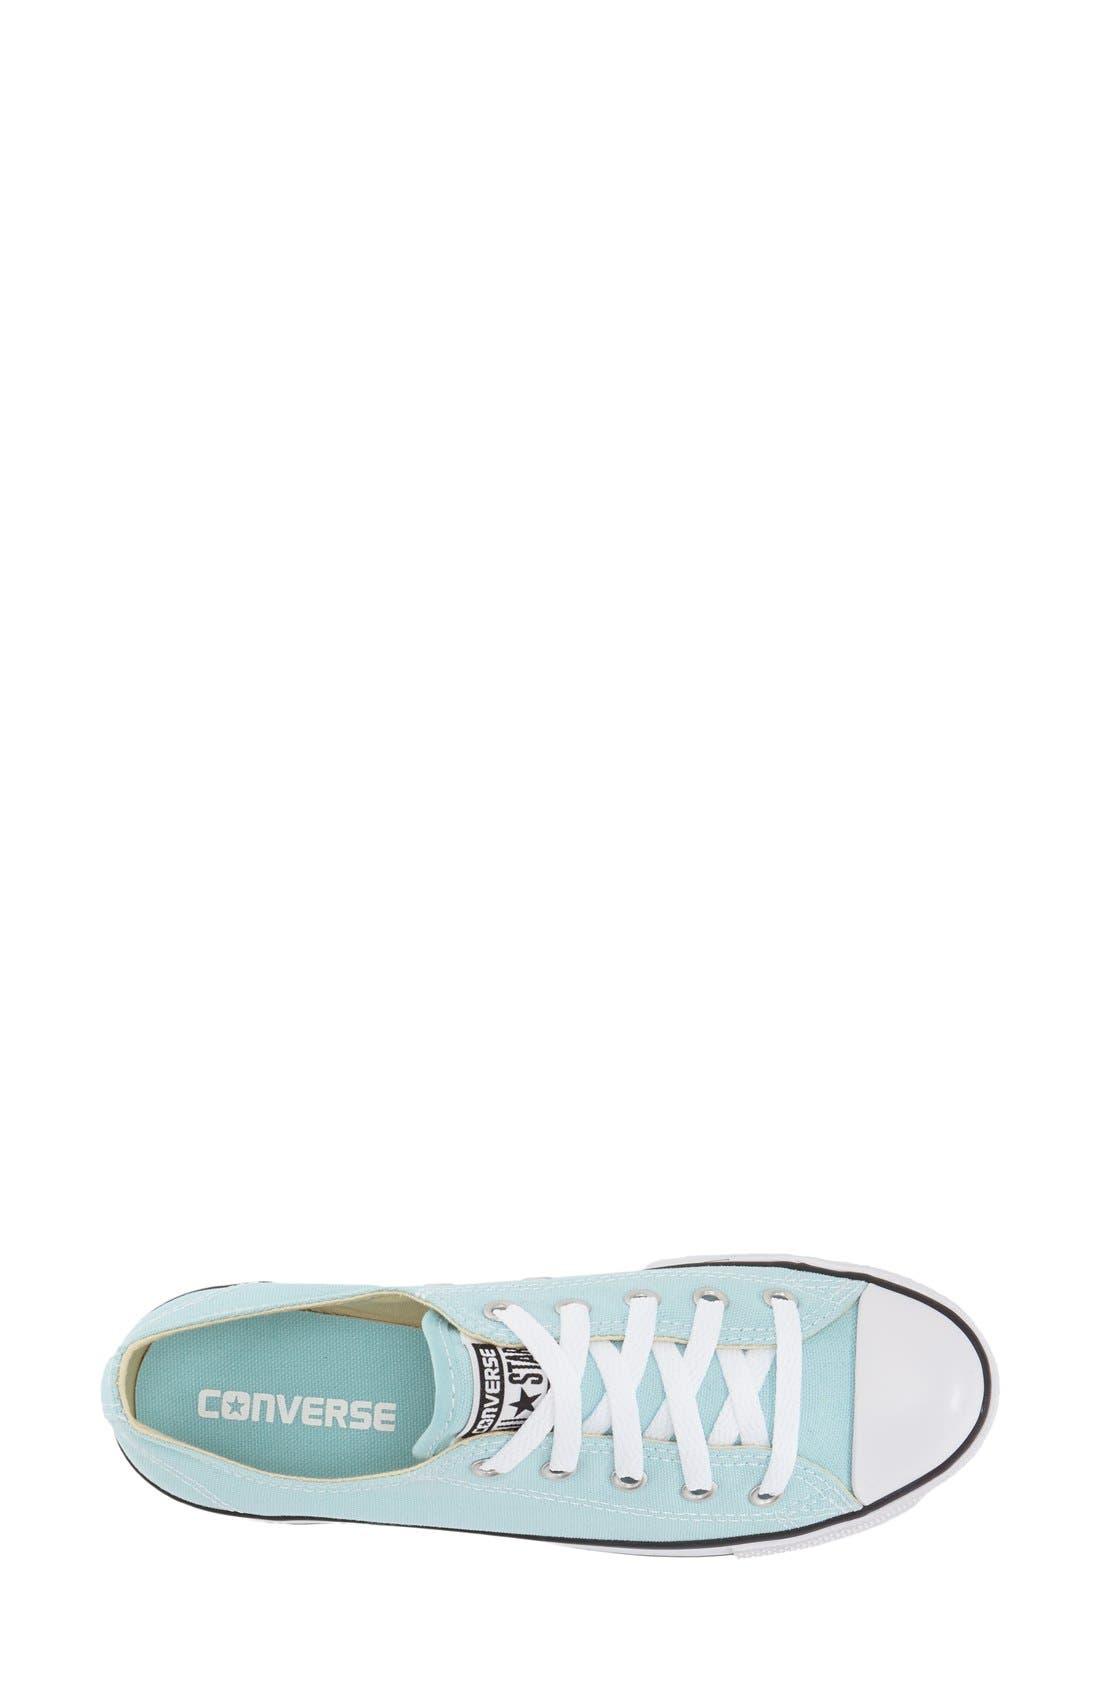 Alternate Image 3  - Converse 'Seasonal Dainty' Chuck Taylor® All Star® Low Top Sneaker (Women)